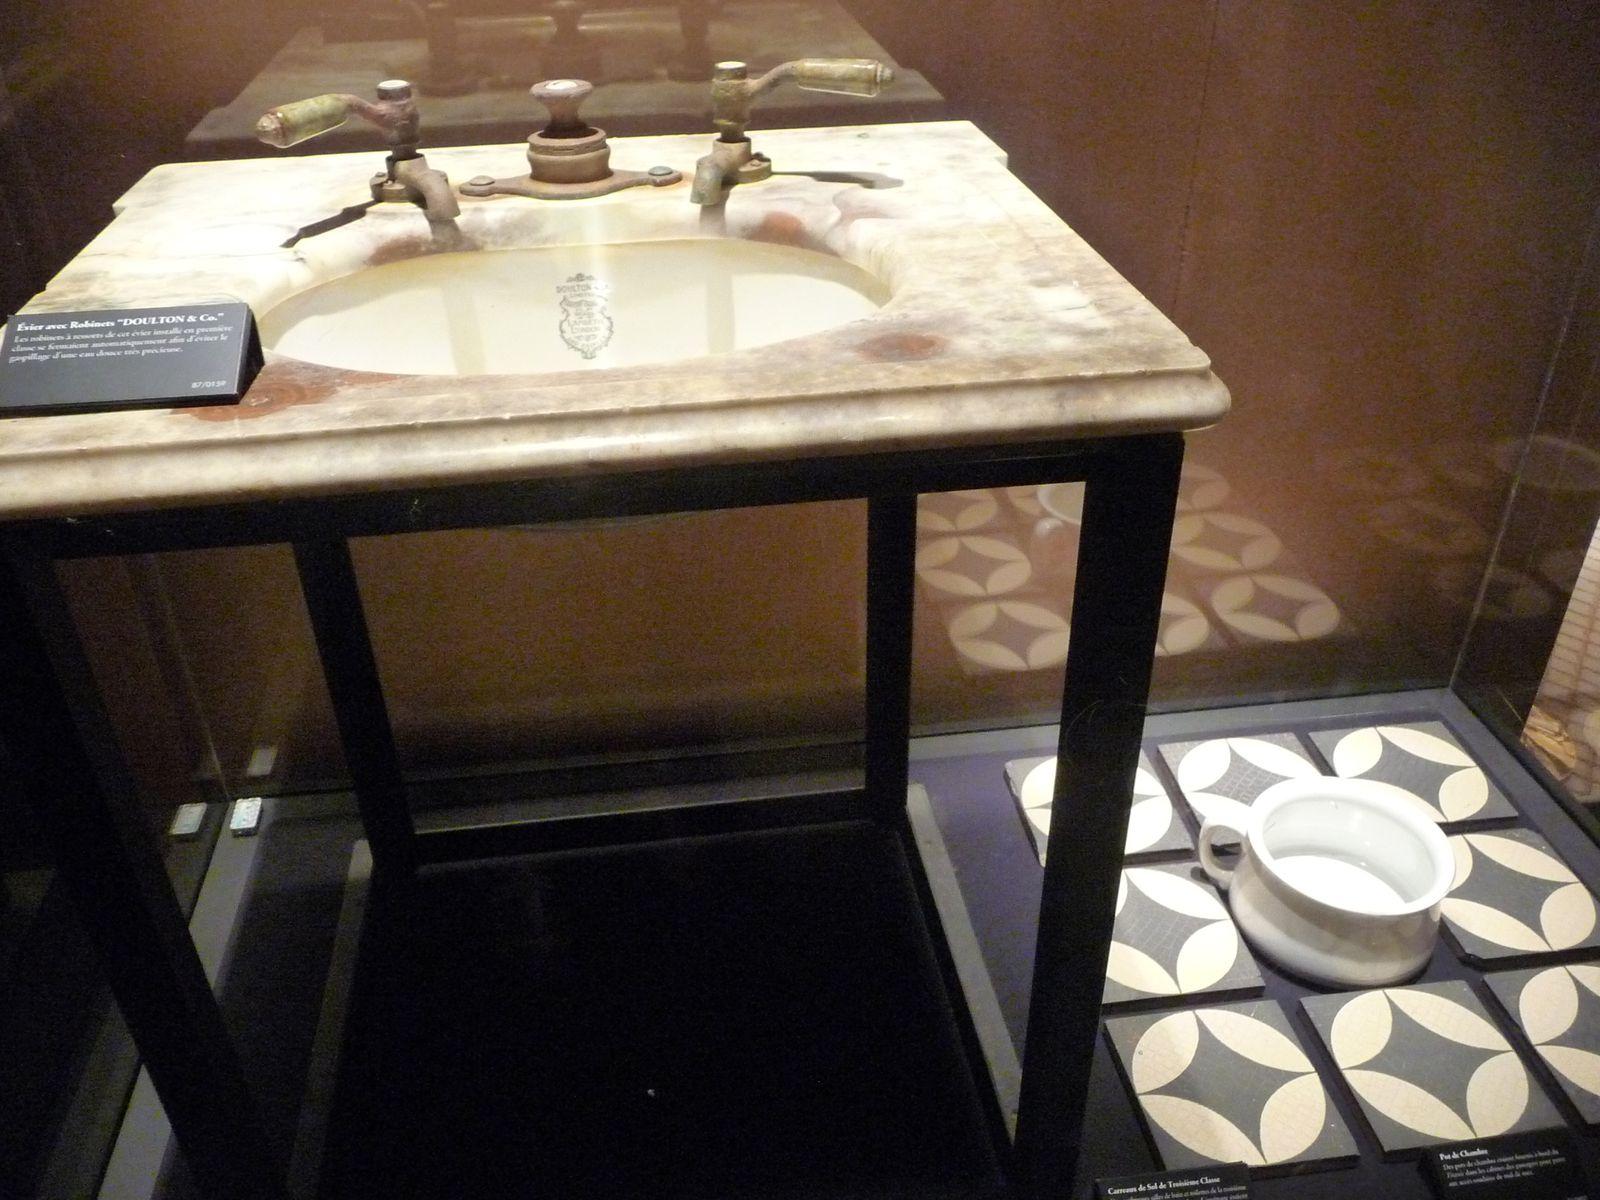 reconstitution d une cabine 1ère classe,   en vitrines les divers objets repêchés  lavabo en marbre  , robinet d ' eau chaude et froide ,  pot de dentrifrice